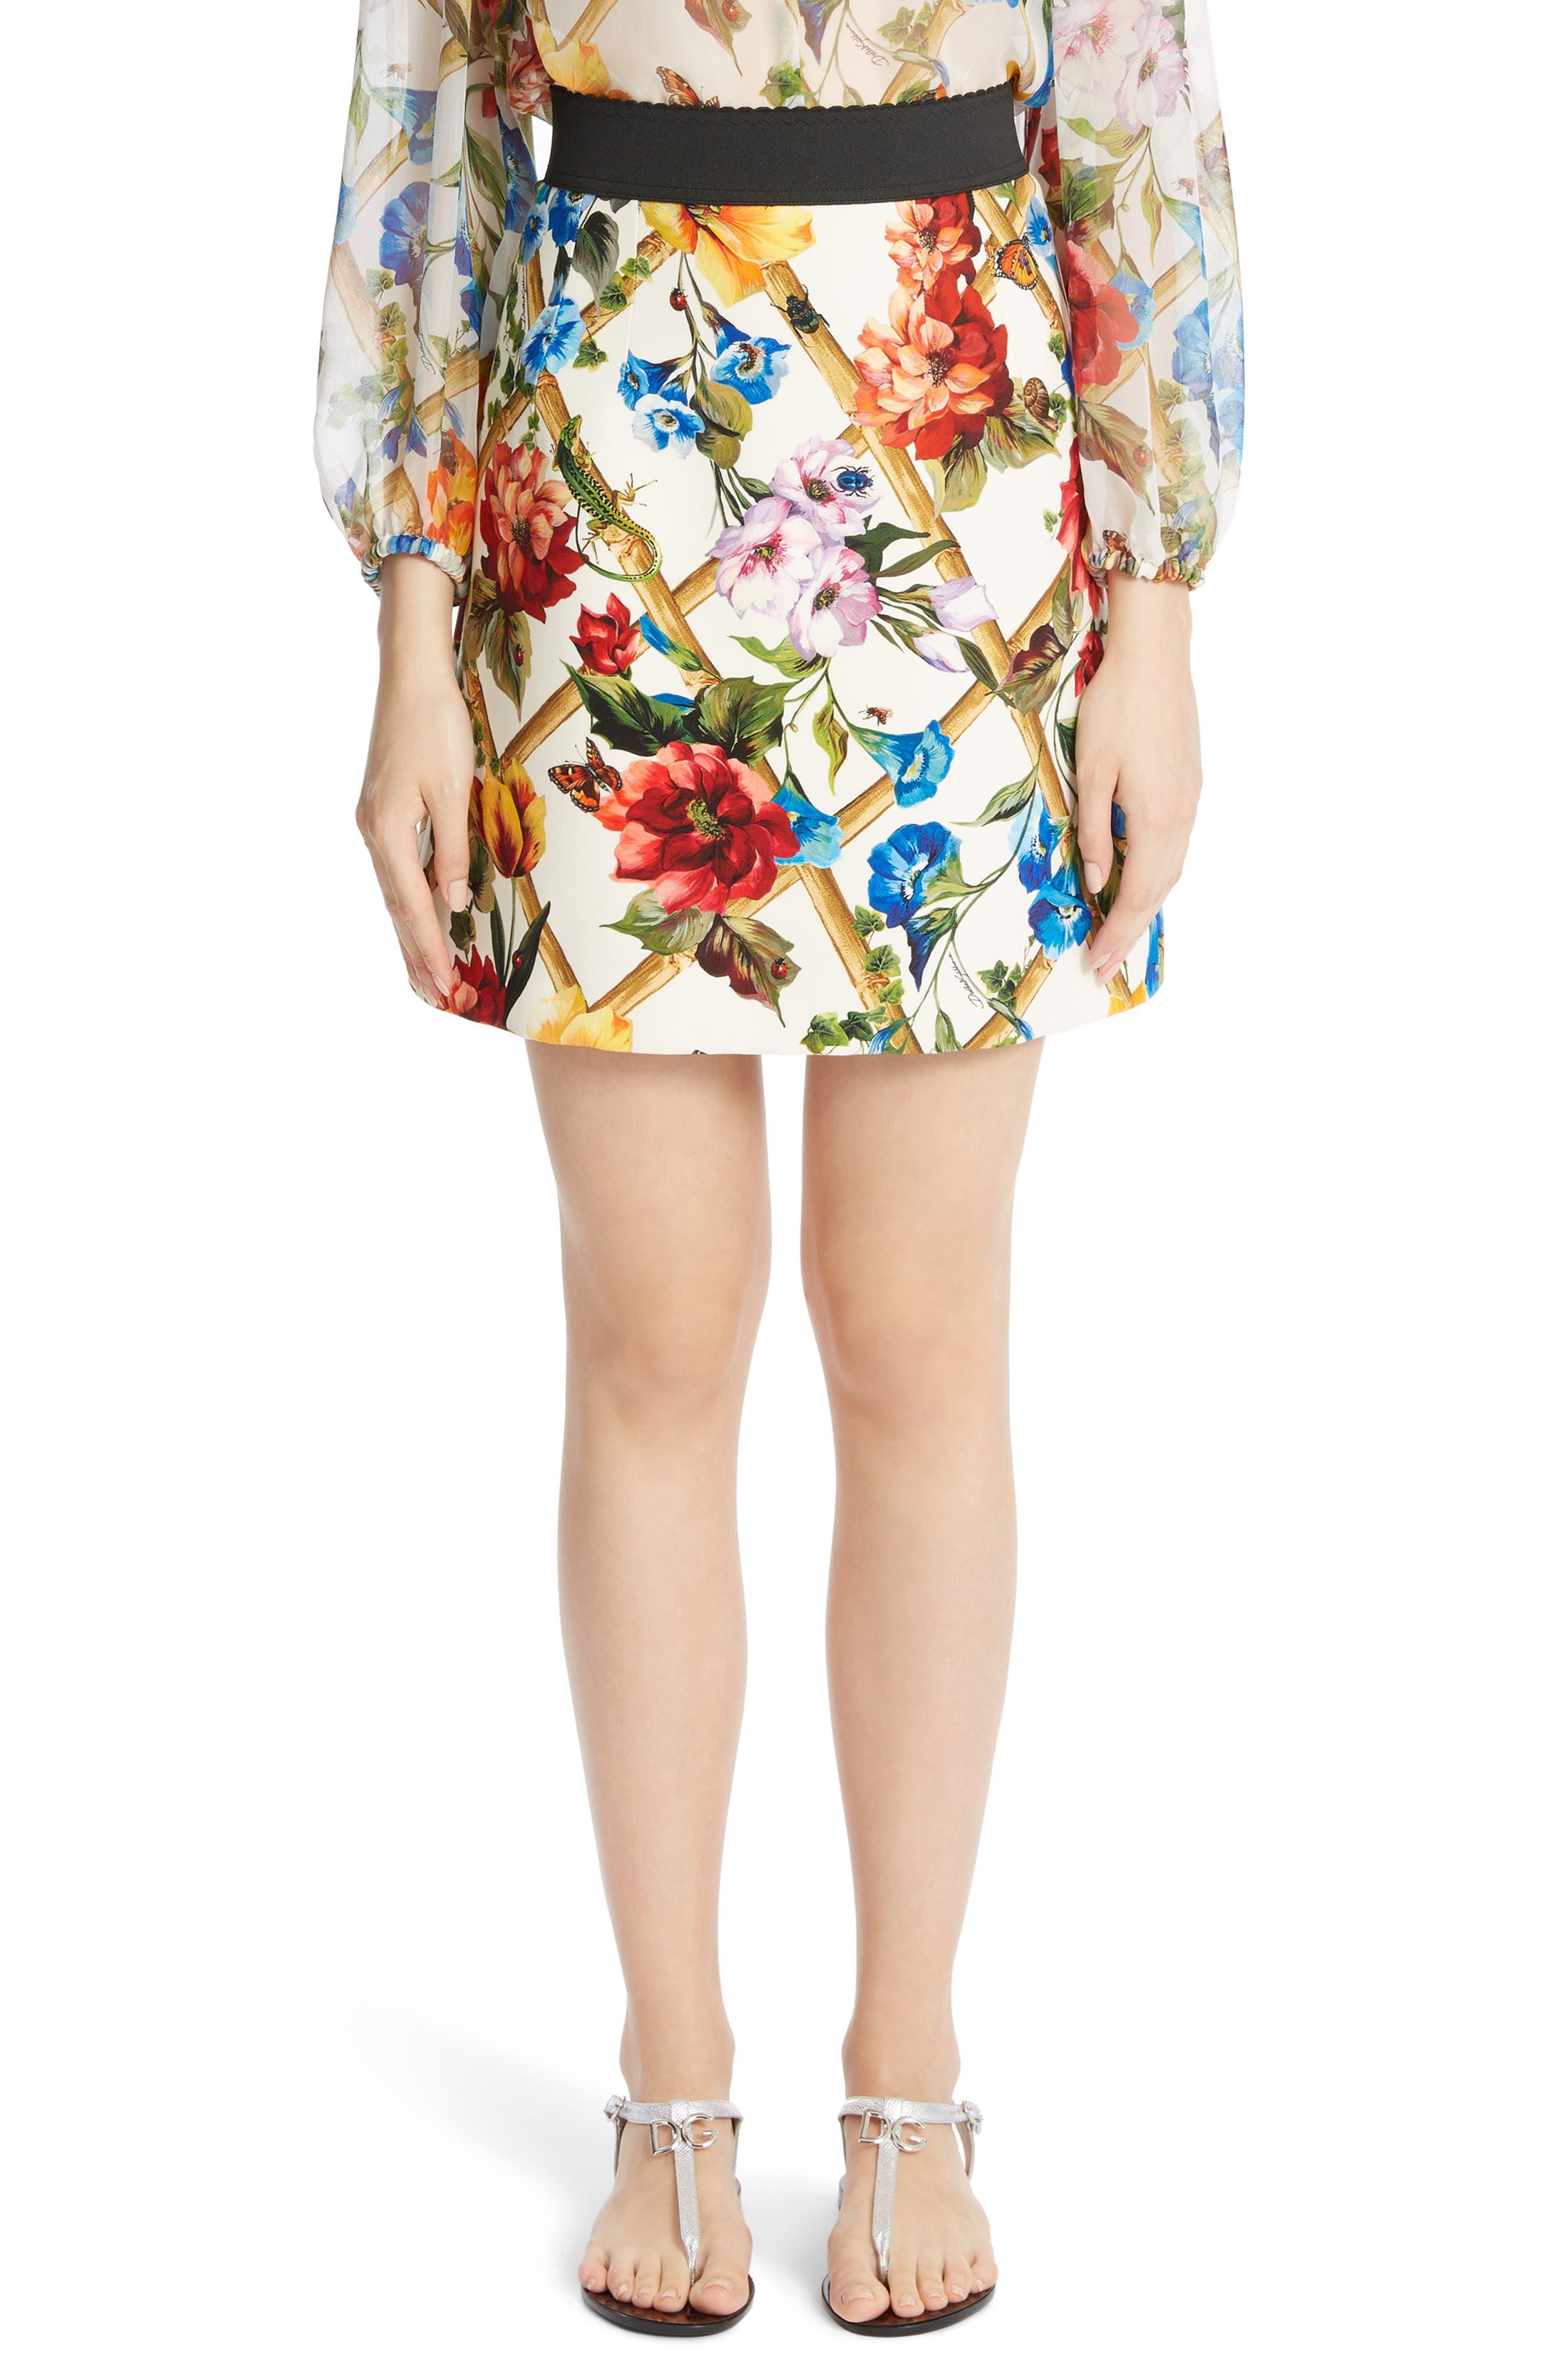 Dolce&Gabbana Bamboo Print Wool & Silk Skirt